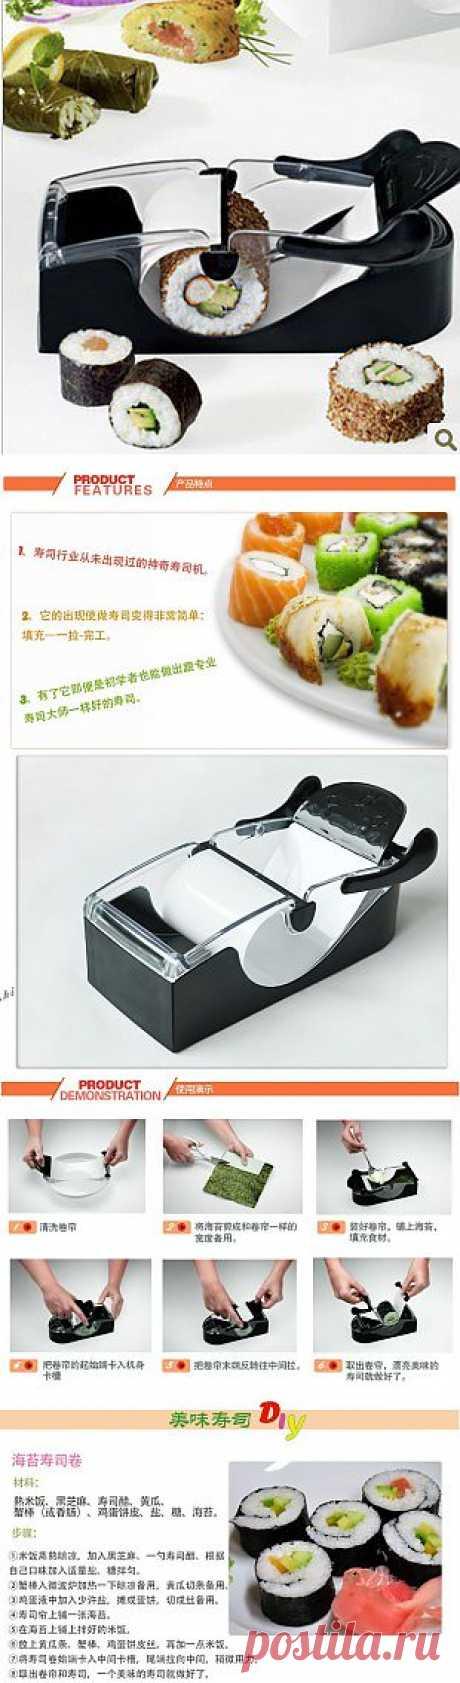 Машинка для закатки суши и роллов для любителей японской и китайской кухни